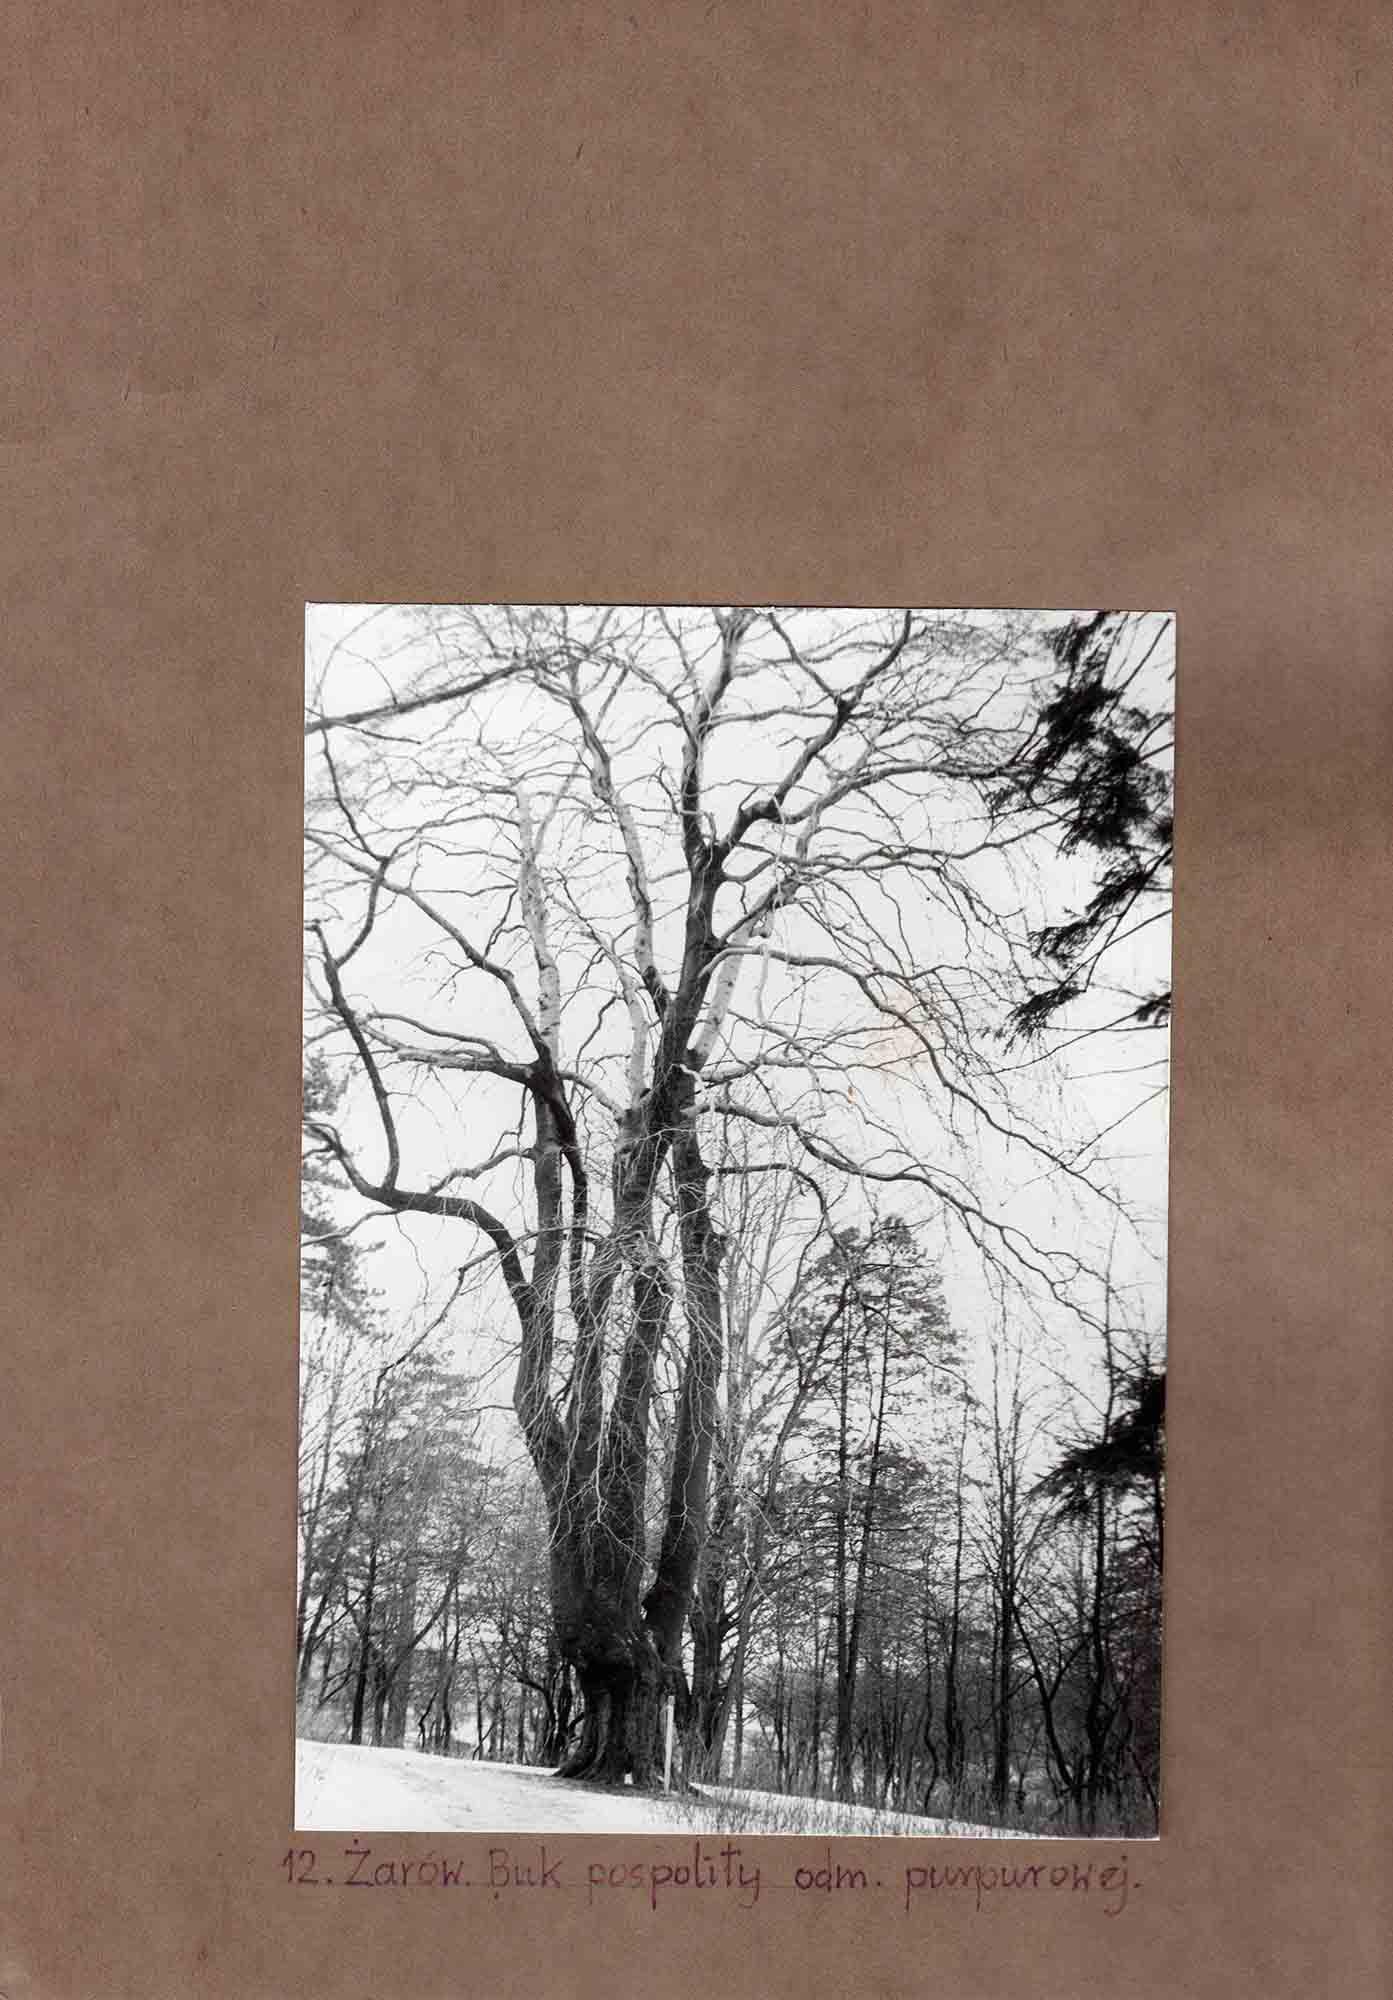 Ewidencja założenia ogrodowo-parkowego 1987 dokument (26)